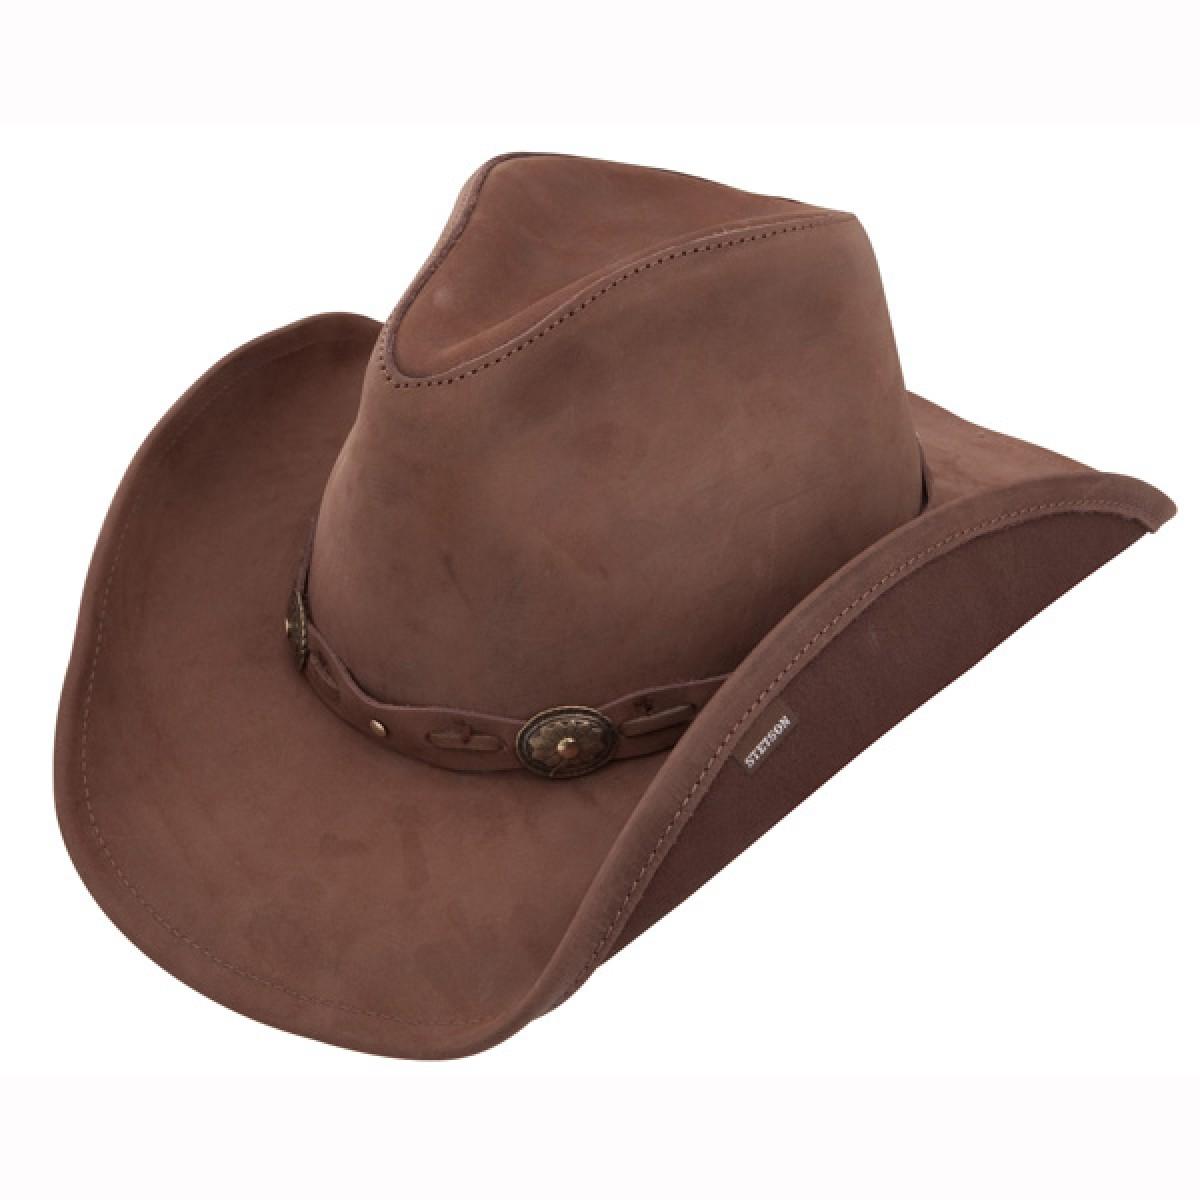 cowboy hats stetson roxbury - leather cowboy hat IMVCRNO